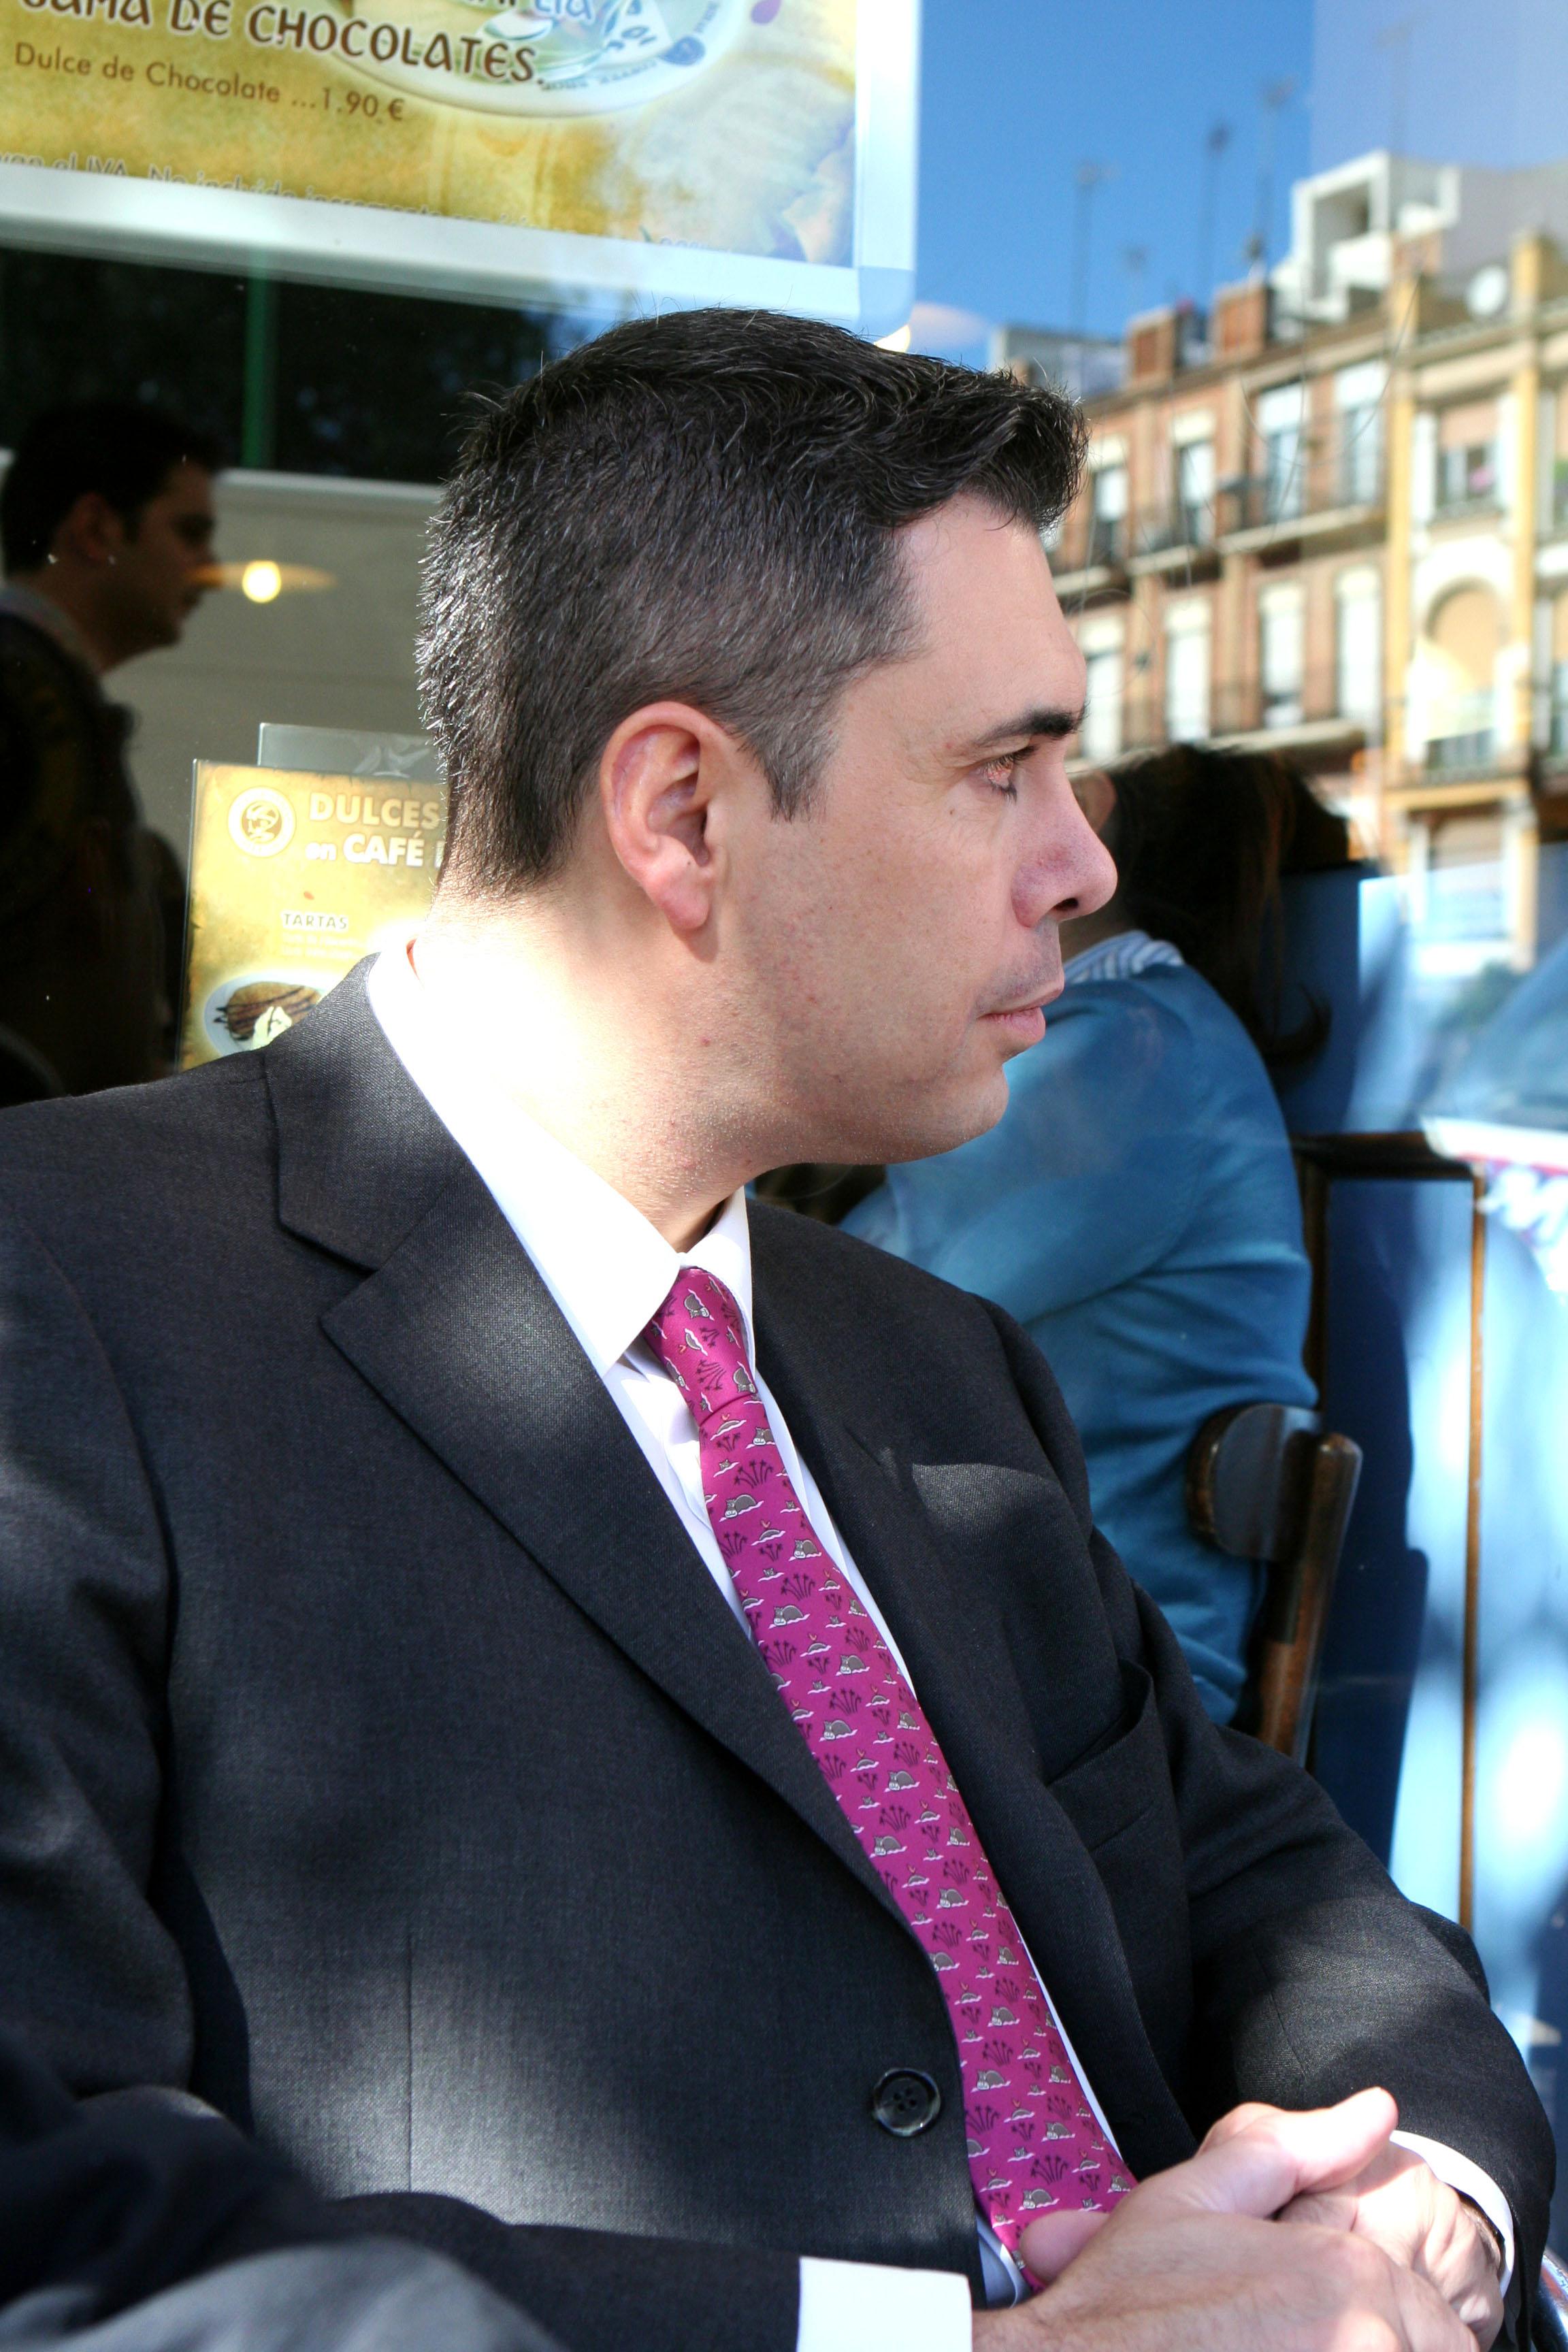 Enrique Dans1 Comment